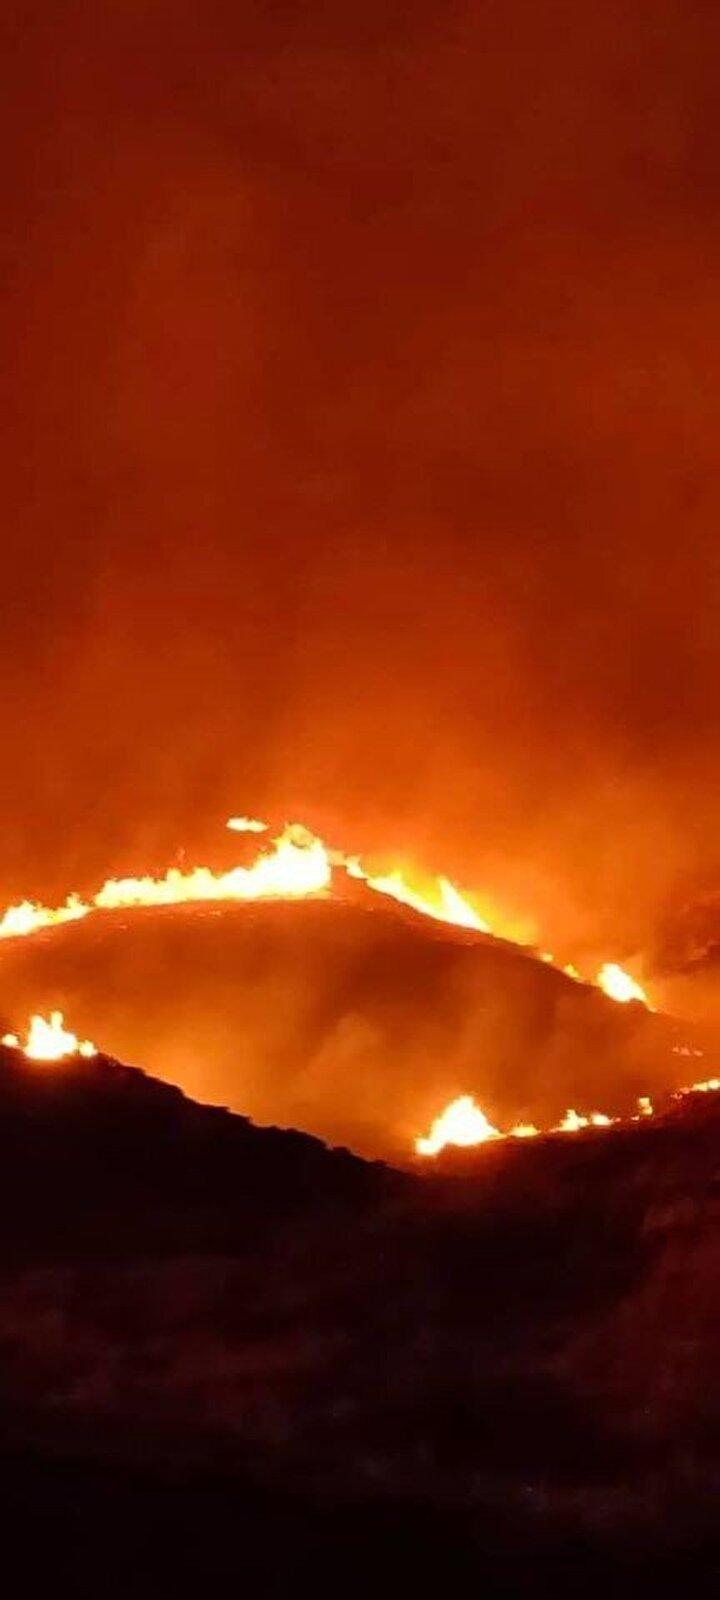 Yangının çıkış nedeninin henüz belli olmadığını ifade eden Gökçeada Belediye Başkanı Ünal Çetin, ekiplerin alevlere yoğun müdahalesinin sürdüğünü belirtti.